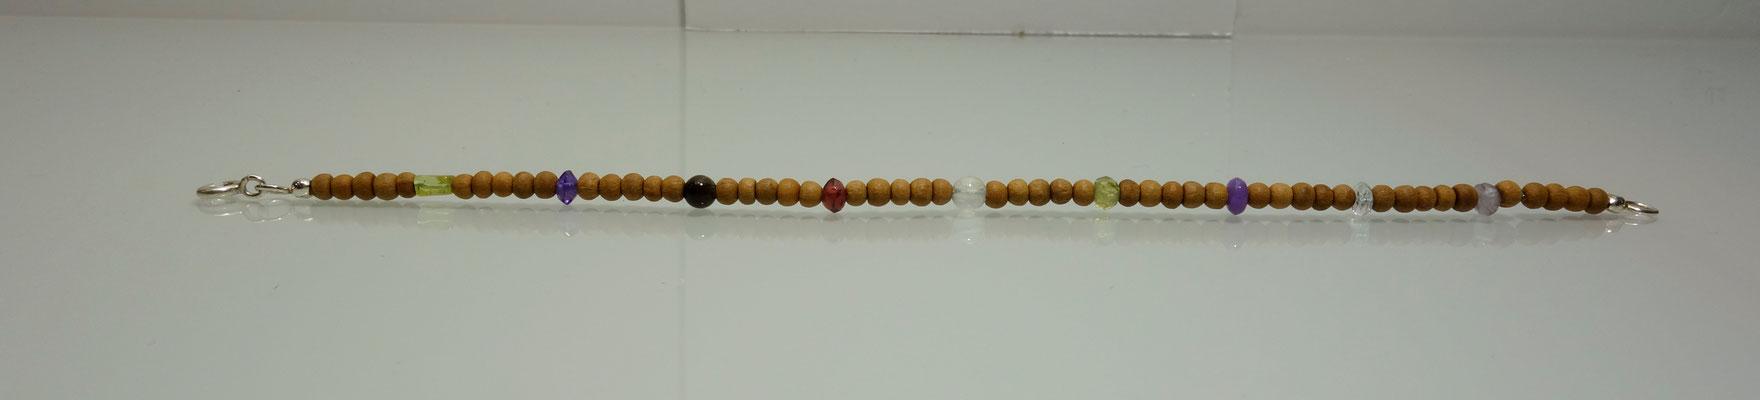 Sandelholz, verschiedene Edelsteine, Silberarmband